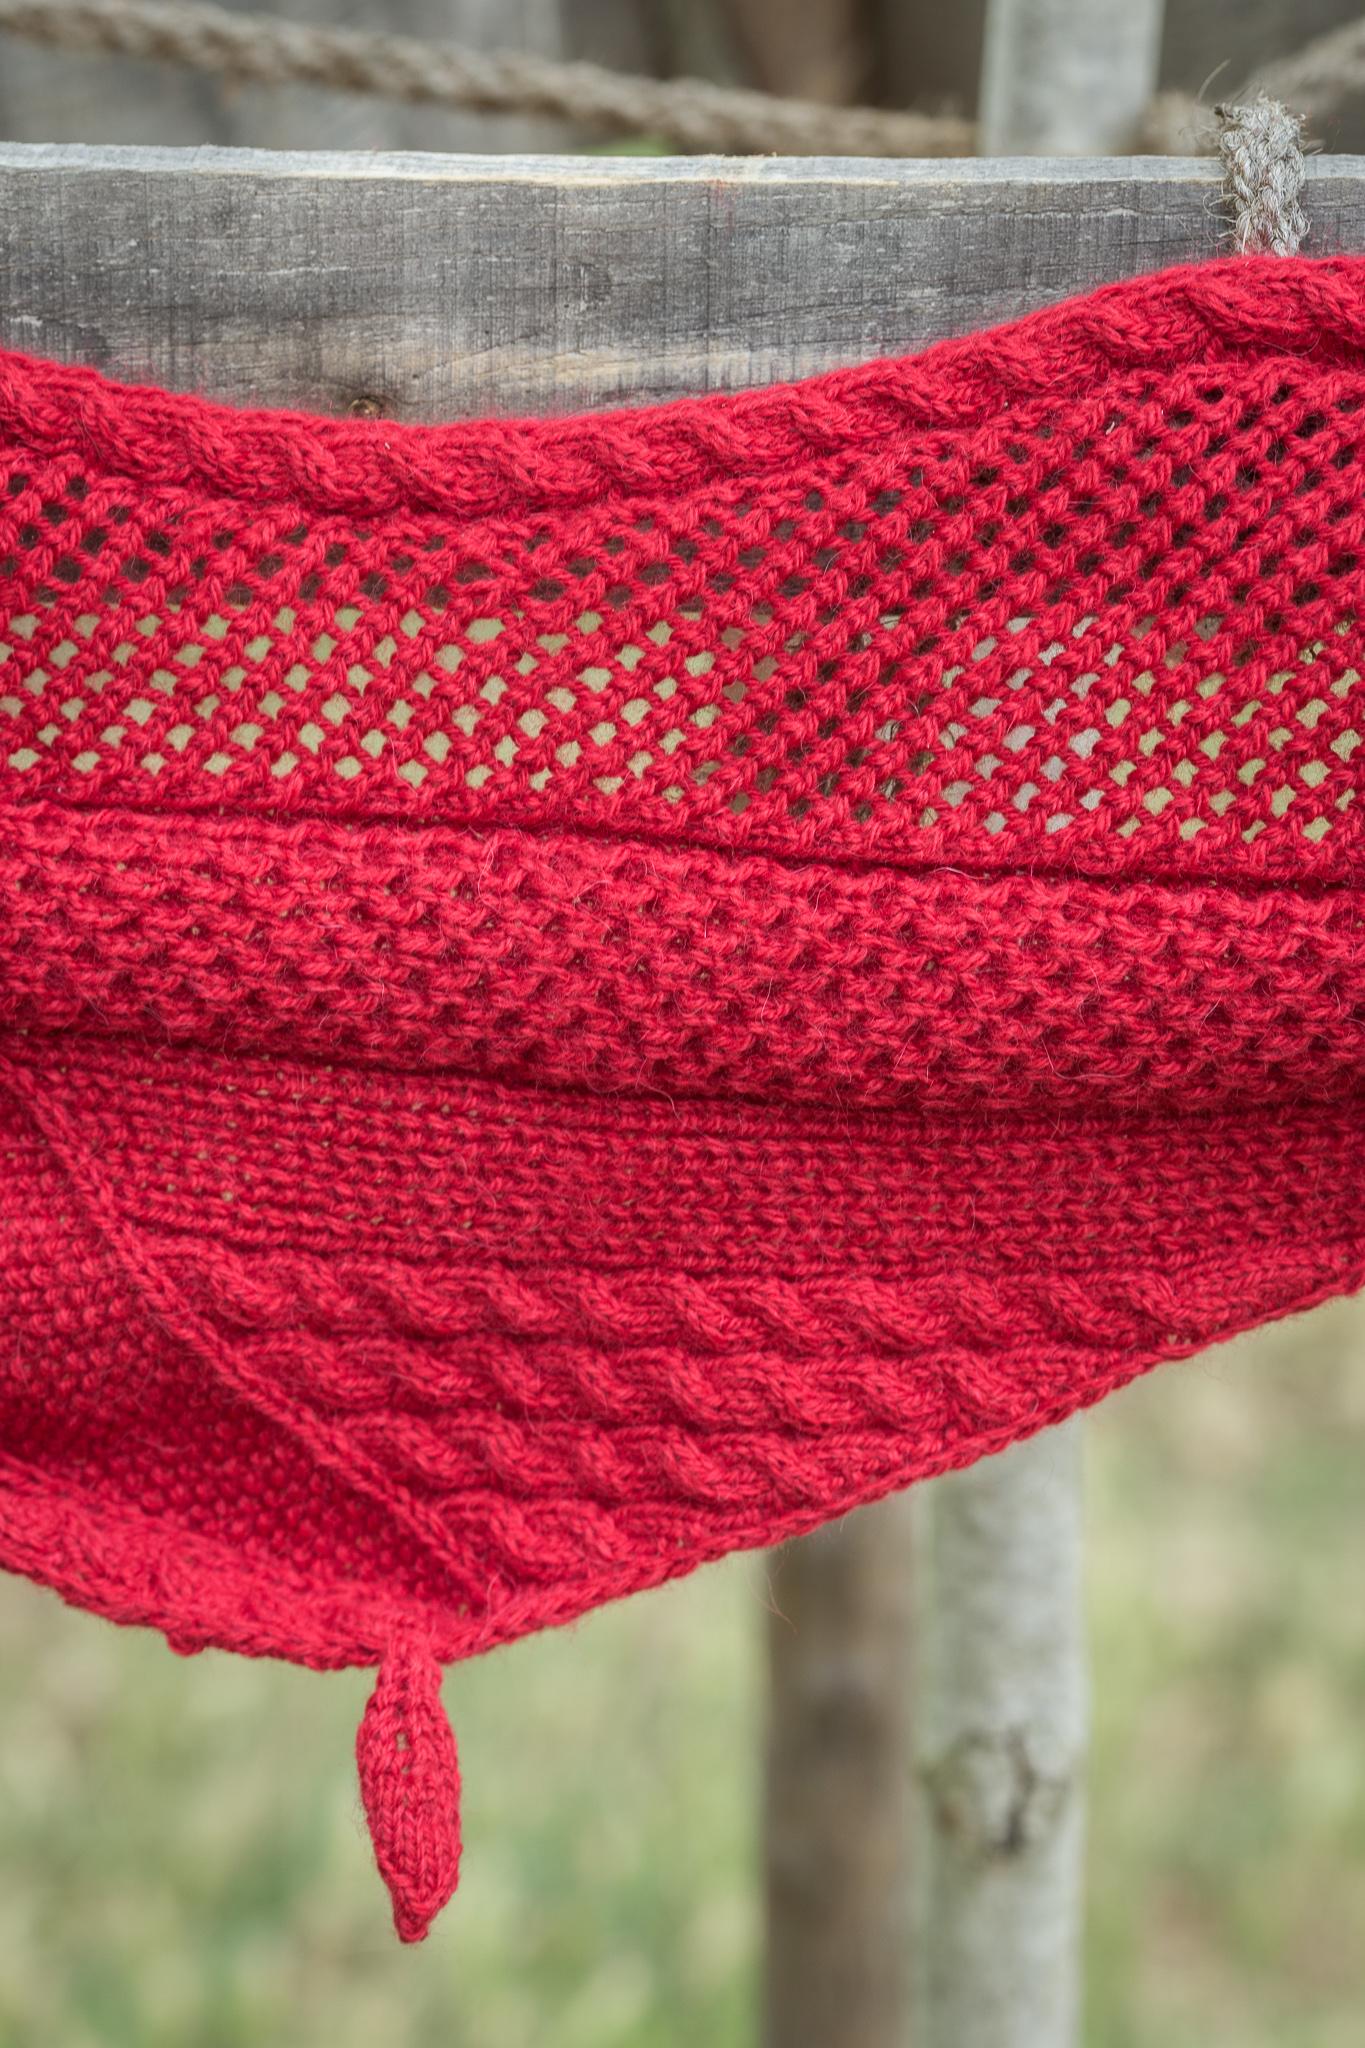 Chèche-points-multiples-tricoté-main-Polaire-de-Fonty-Création-Wool-kit-Factory-de-Gazouillis-et-cie-pour-la-marque-Fonty.